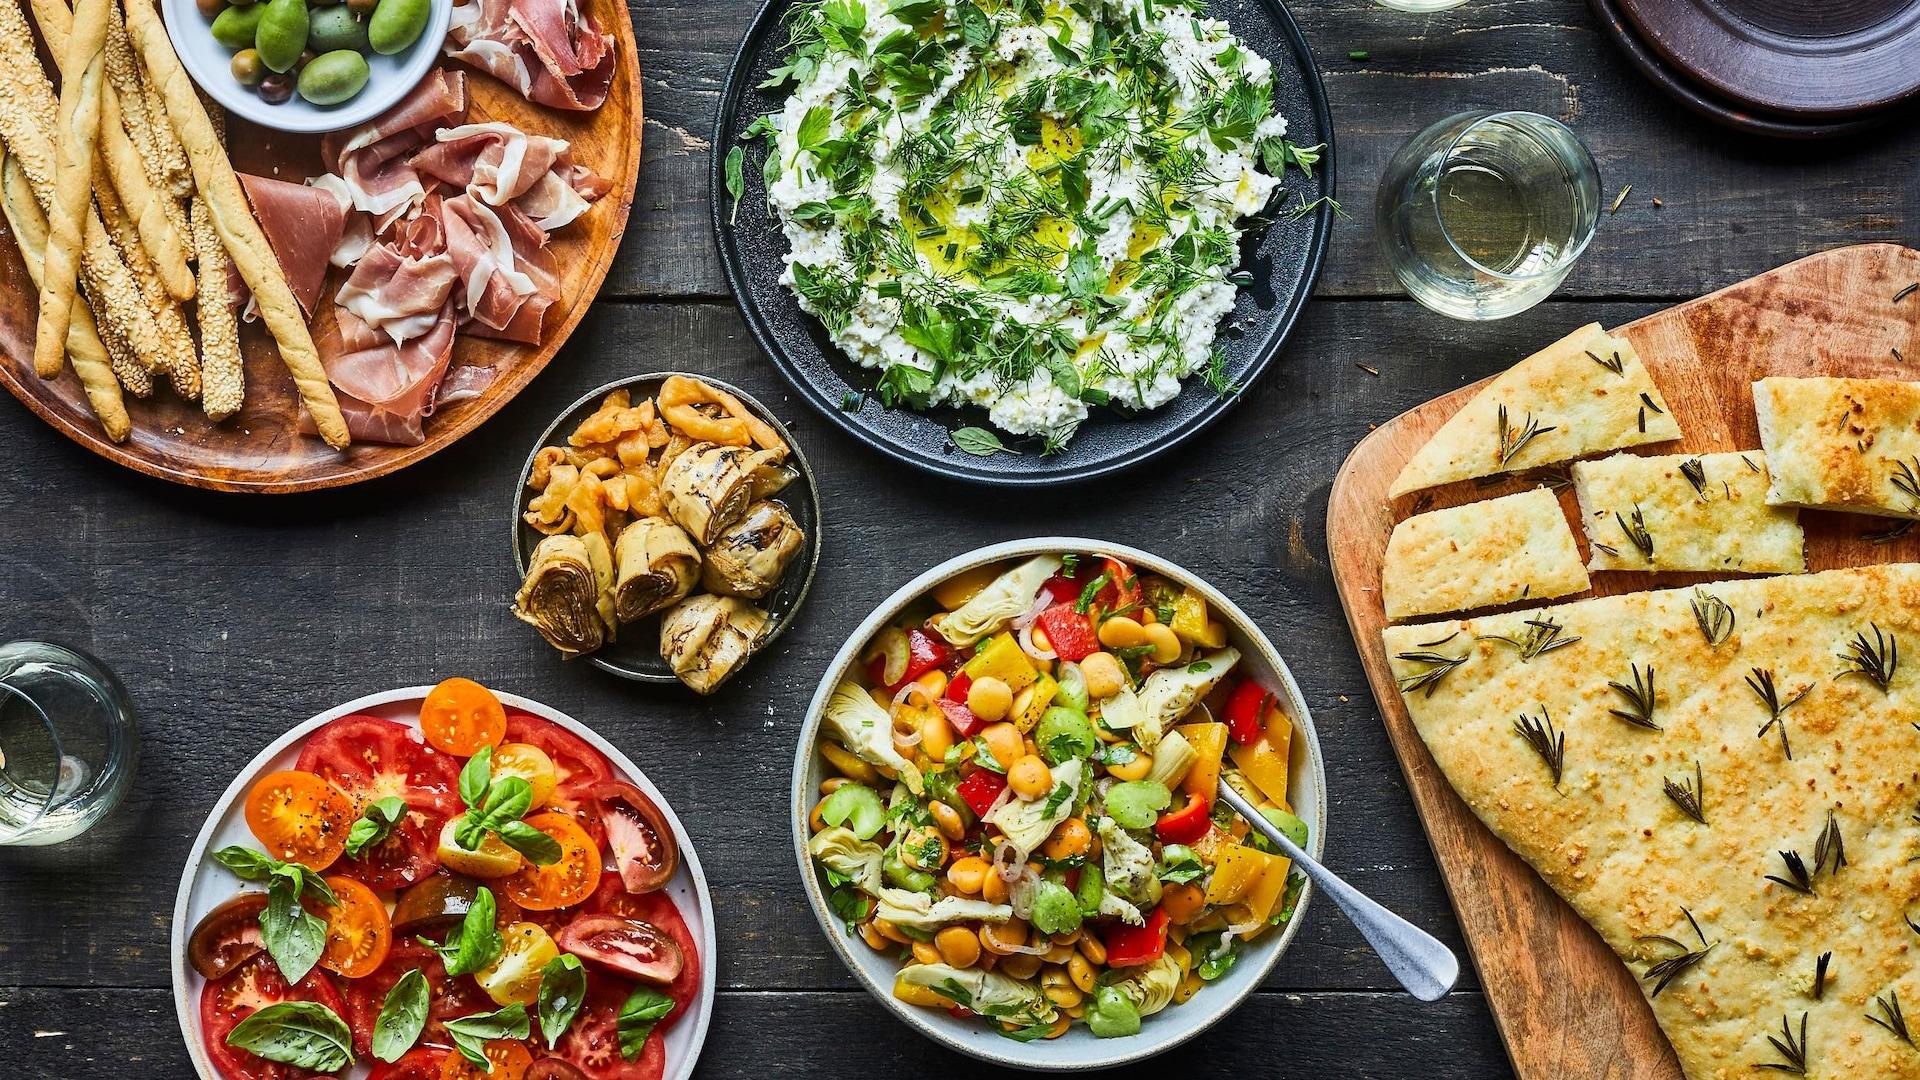 Sur une table est disposée une salade tomate avec des  feuilles de basilic, des cœurs de palmier, une fougasse au romarin, des tranches de prosciutto.